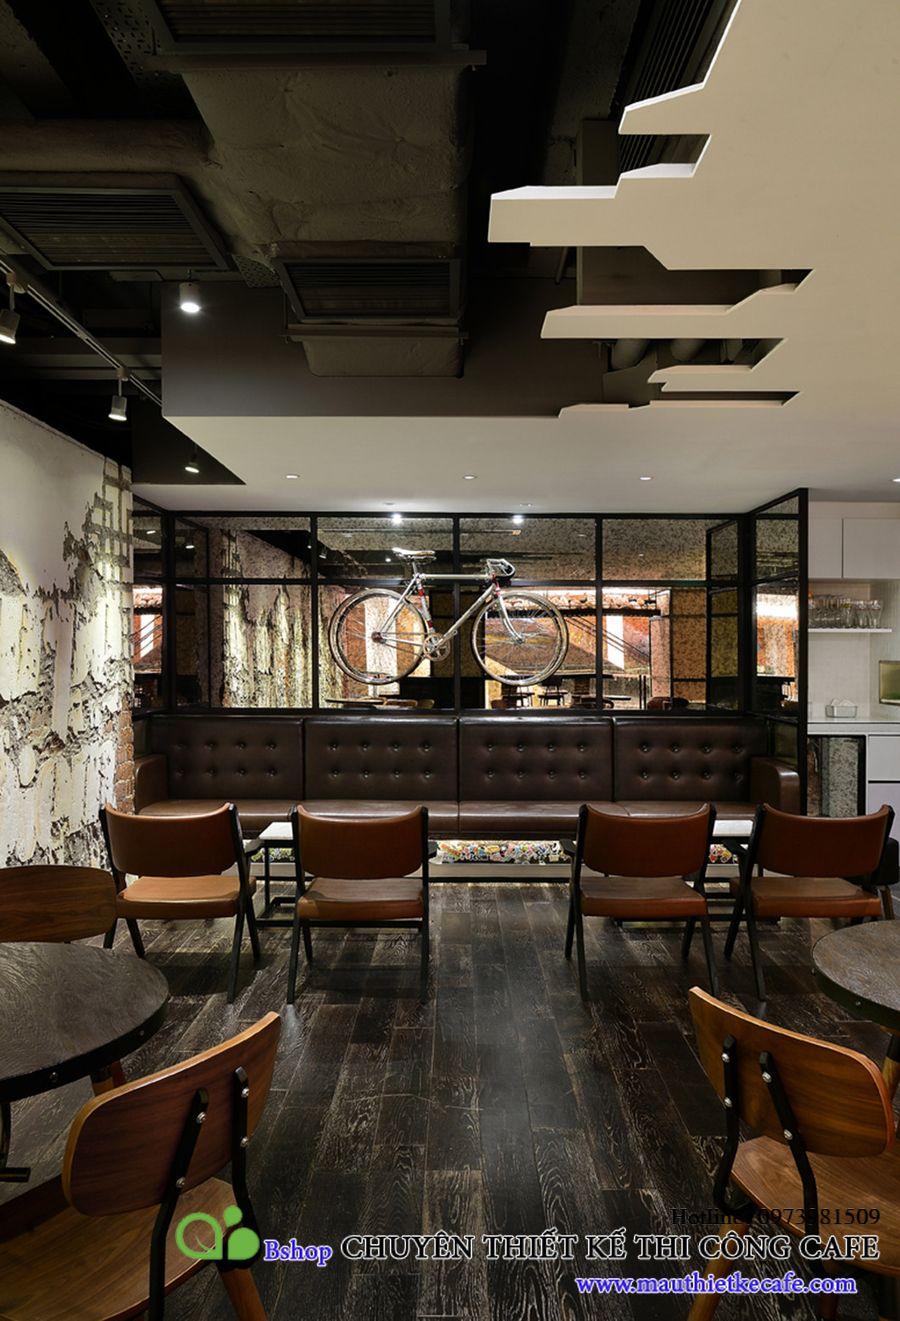 chuoi-cafe-PORTADA (4)_mauthietkecafe.com